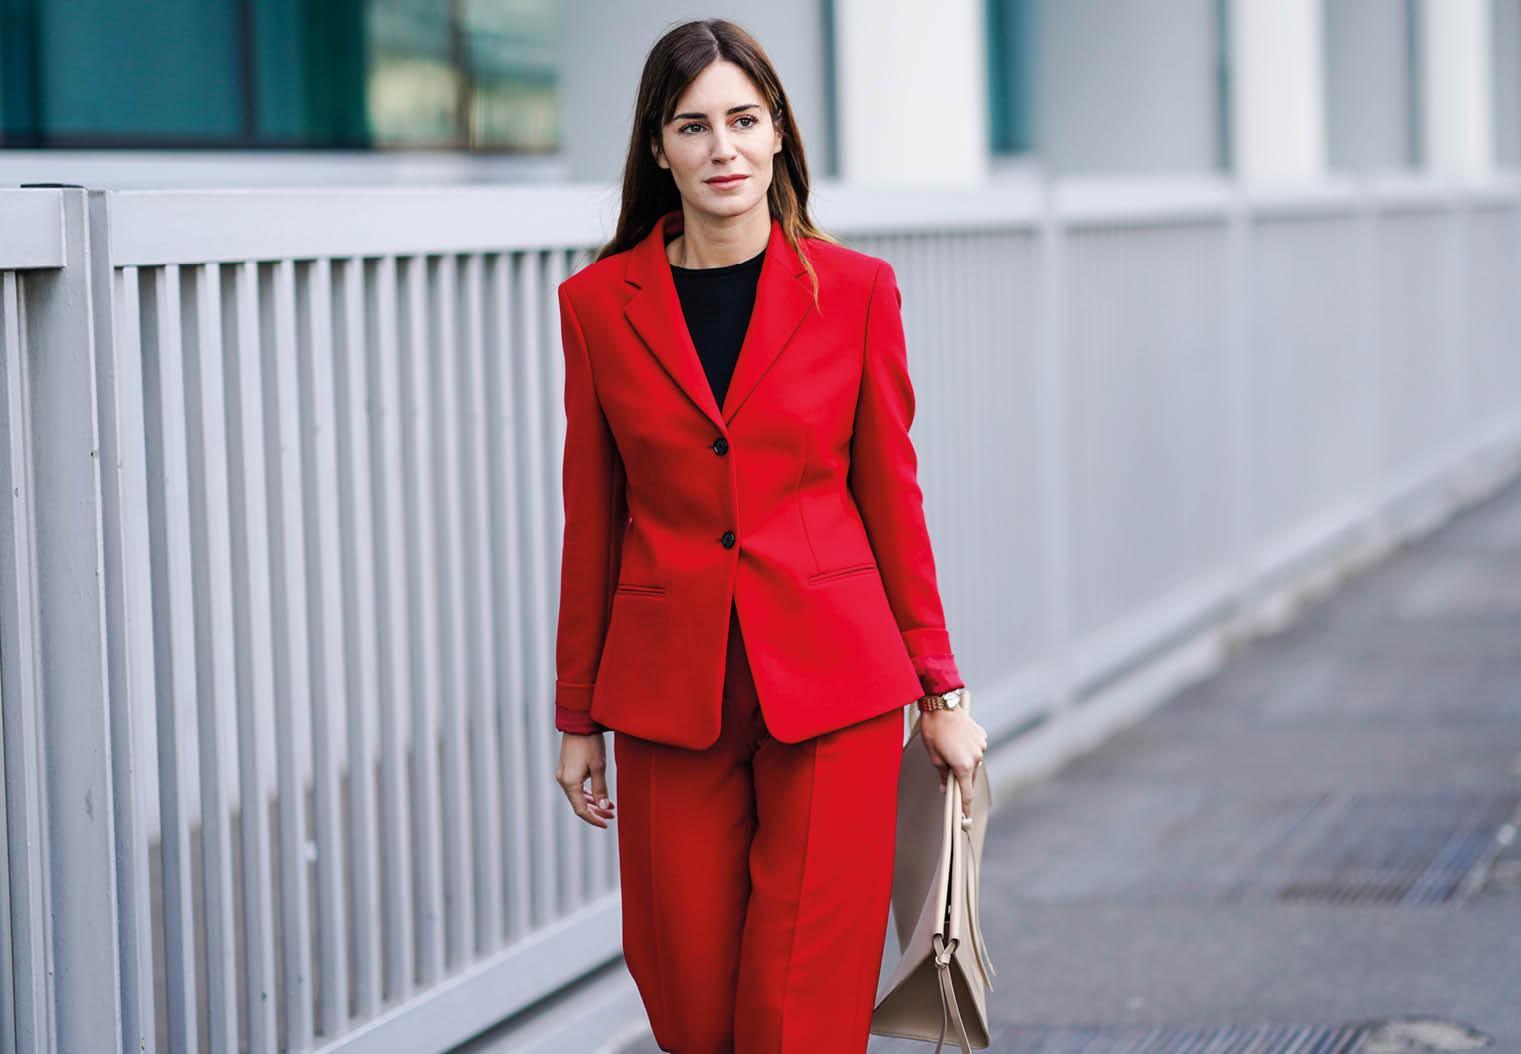 Voor eens en voor altijd: wat voor kleding draag je nou écht naar een sollicitatiegesprek?